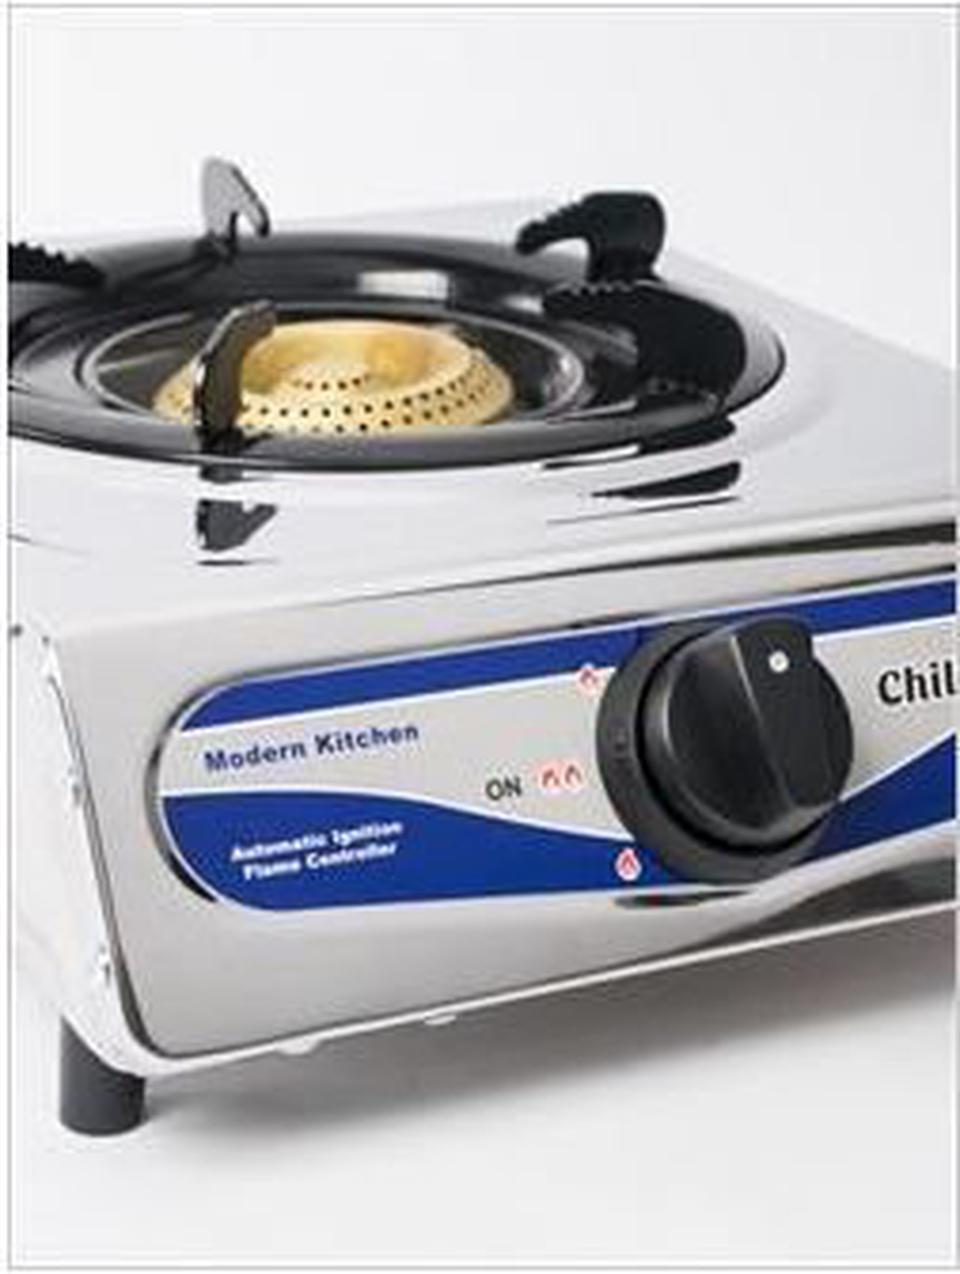 เตาแก๊สหัวเดี่ยว Chili Kitchen รูปที่ 1